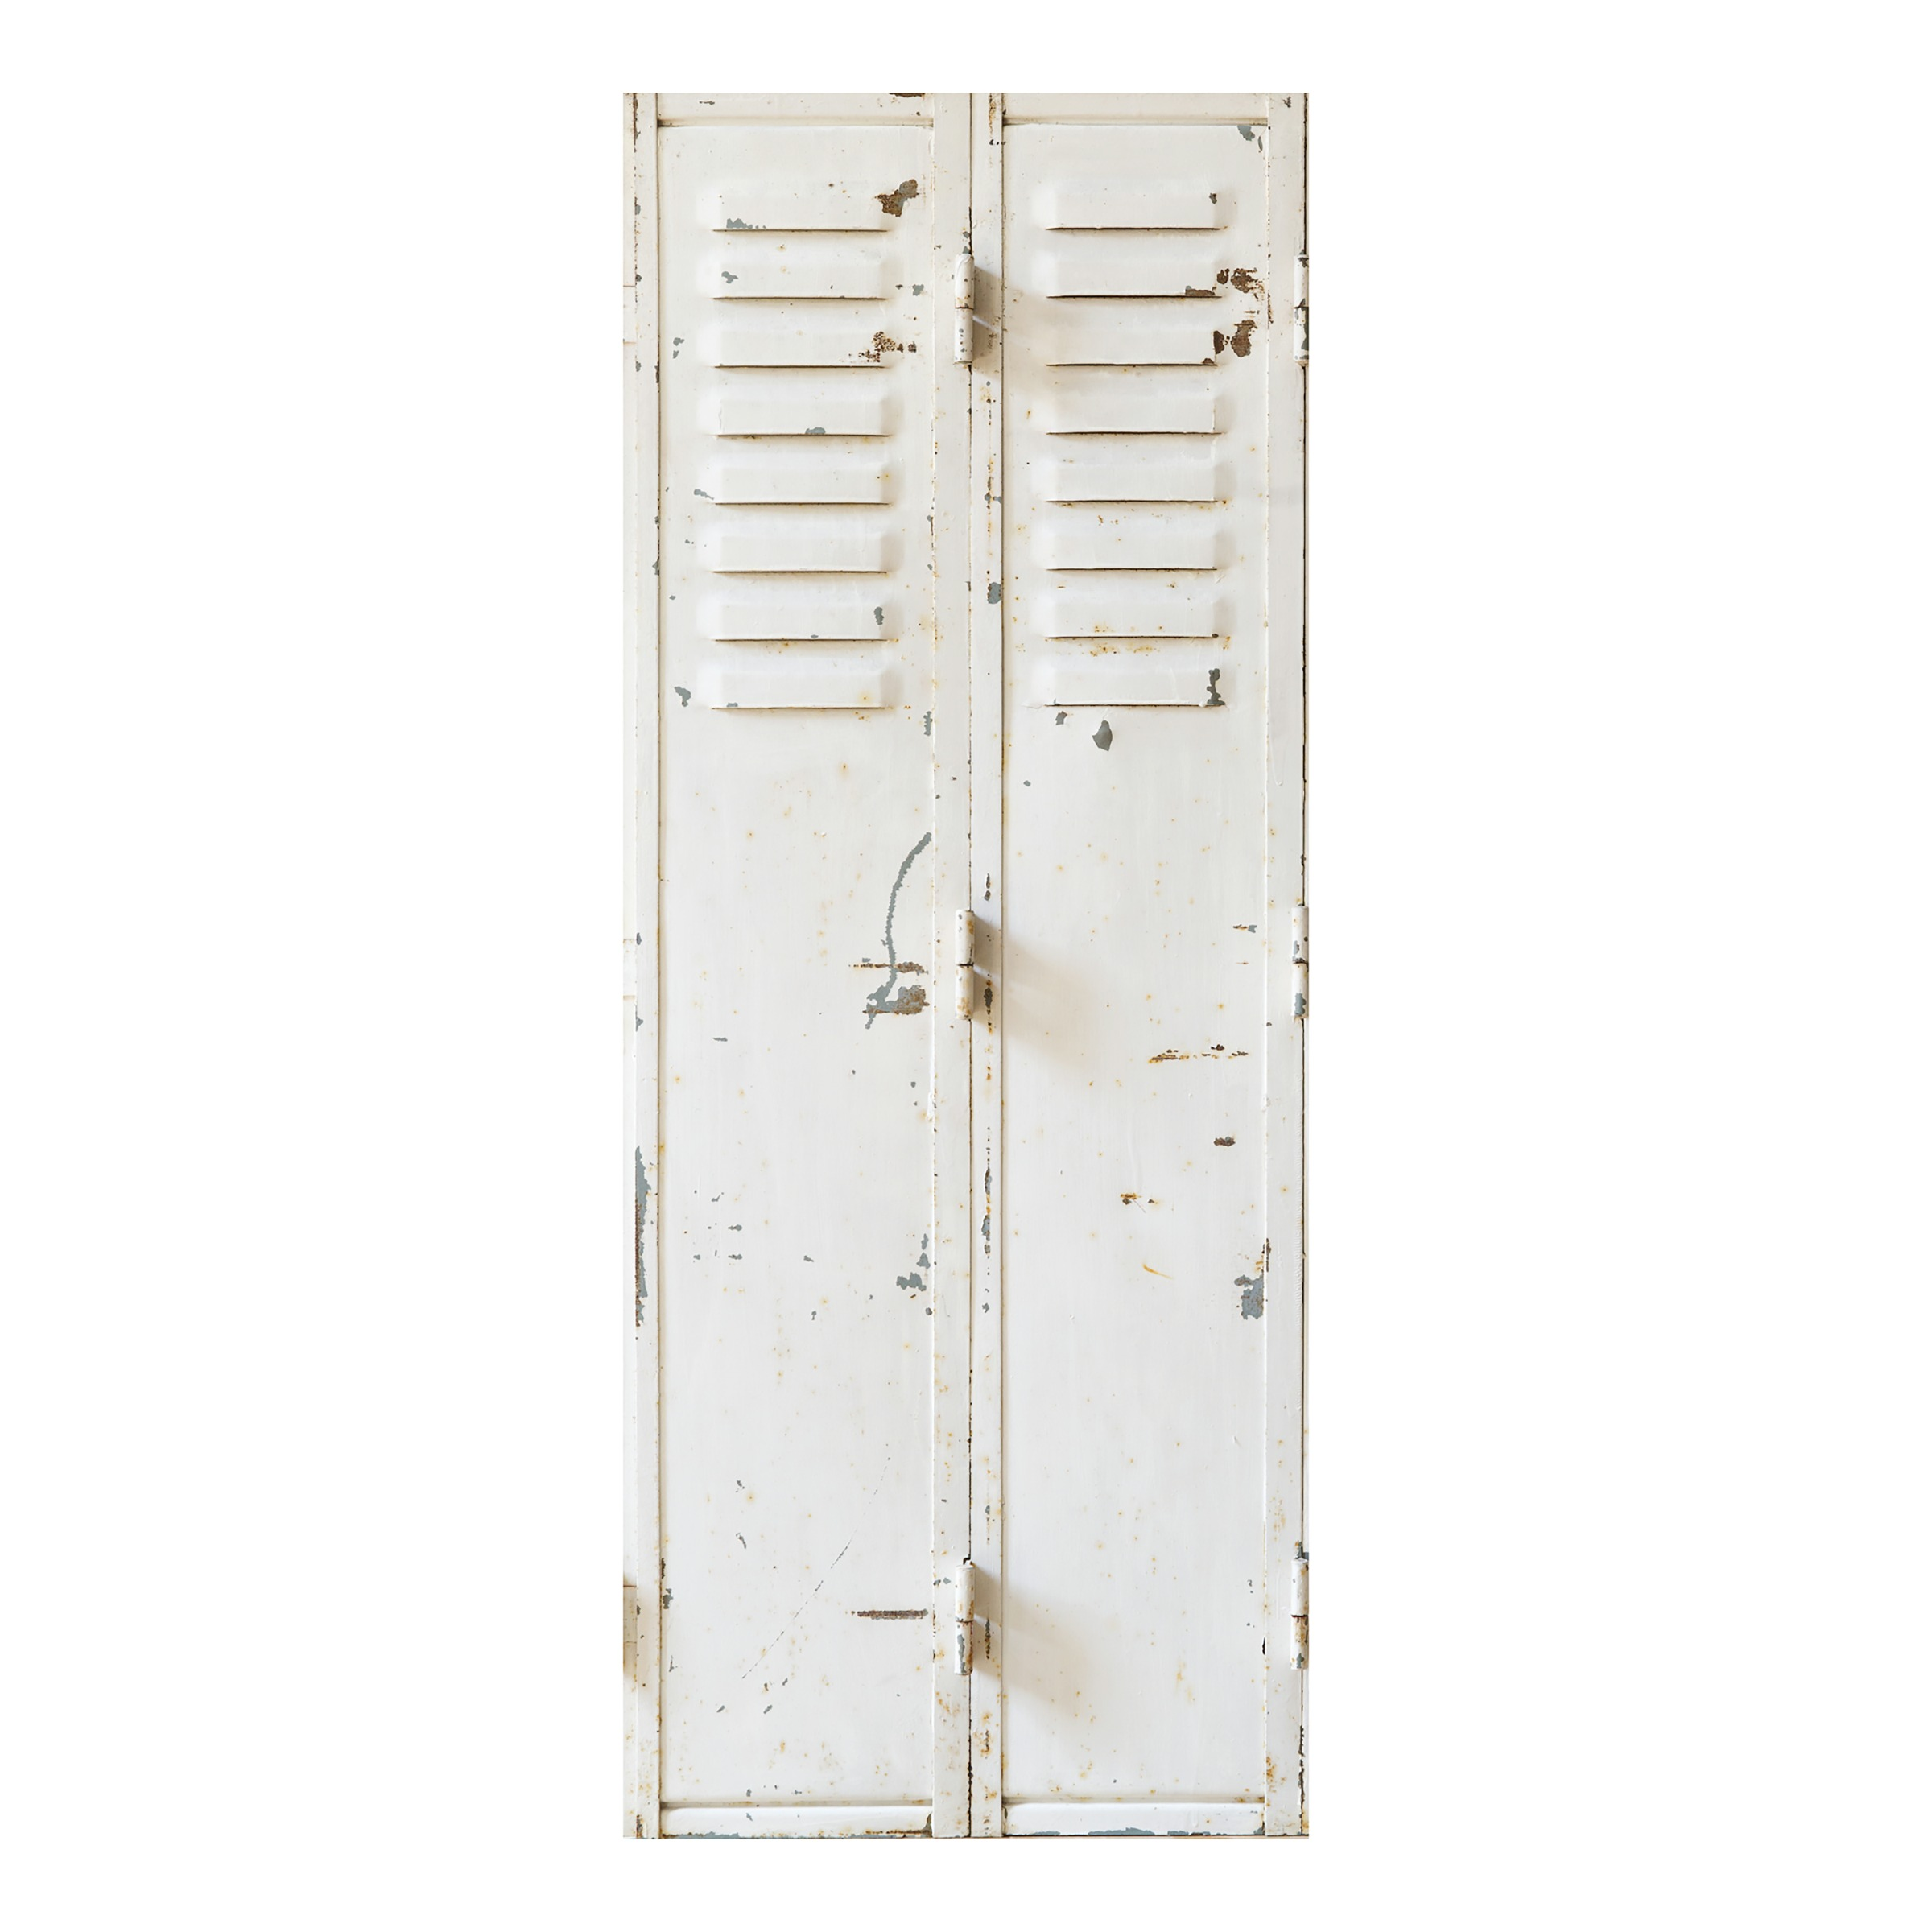 vtwonen Deursticker 83 cm Locker